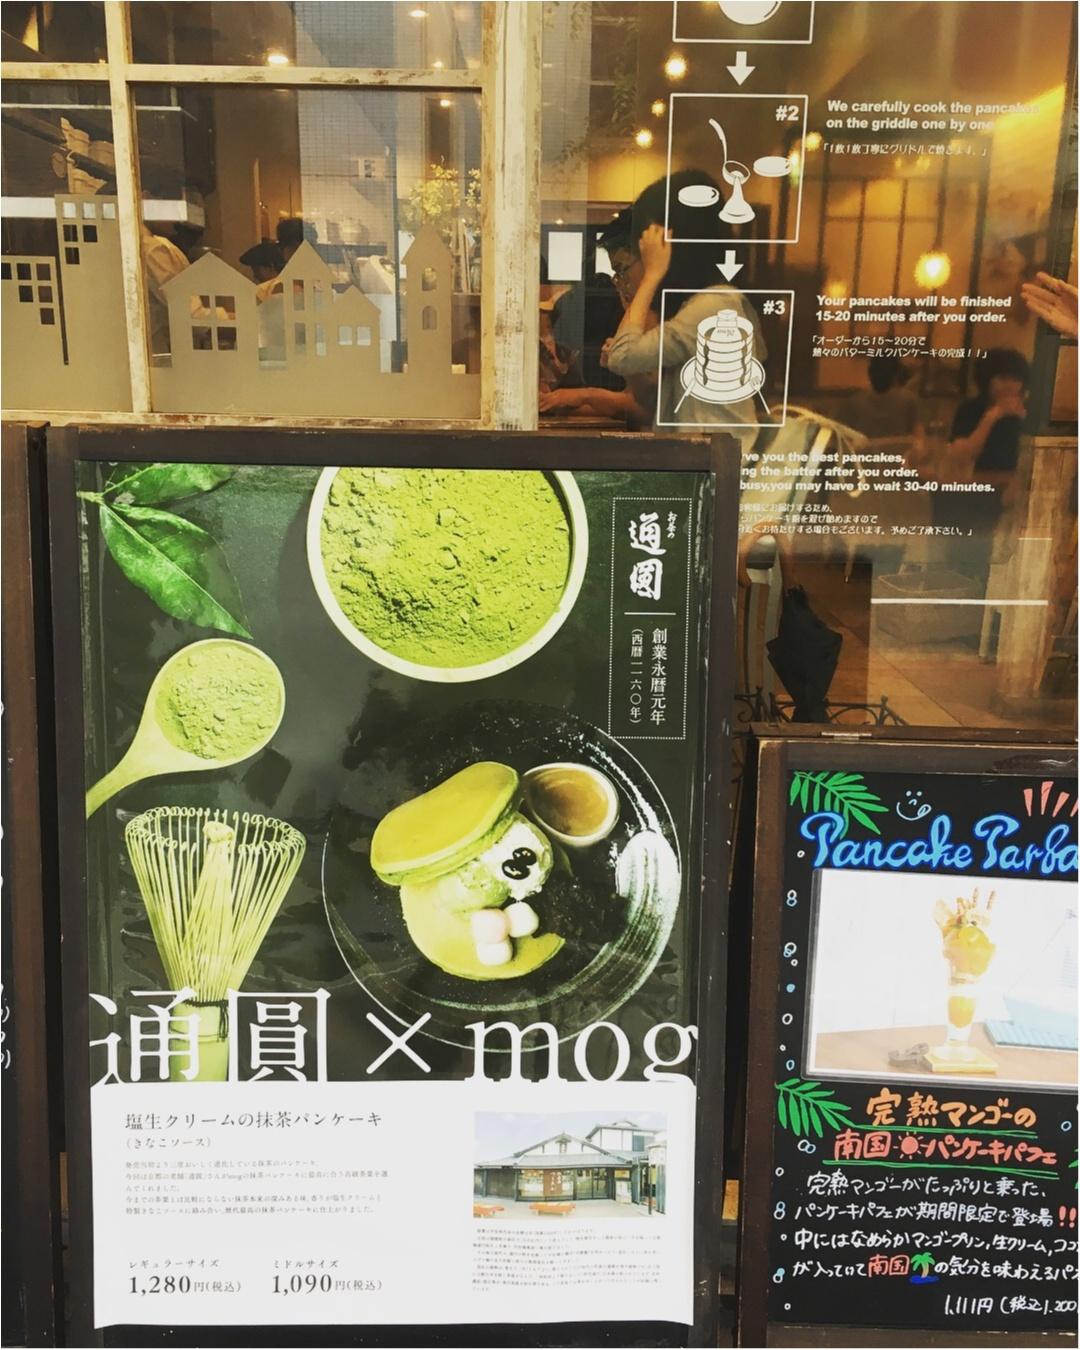 【ご当地モア】<抹茶マニア>大阪の有名なパンケーキ屋さん≪mog≫が、京都のカフェ≪通圓≫とコラボ!塩生クリームの抹茶パンケーキがめちゃ美味しい♡_1